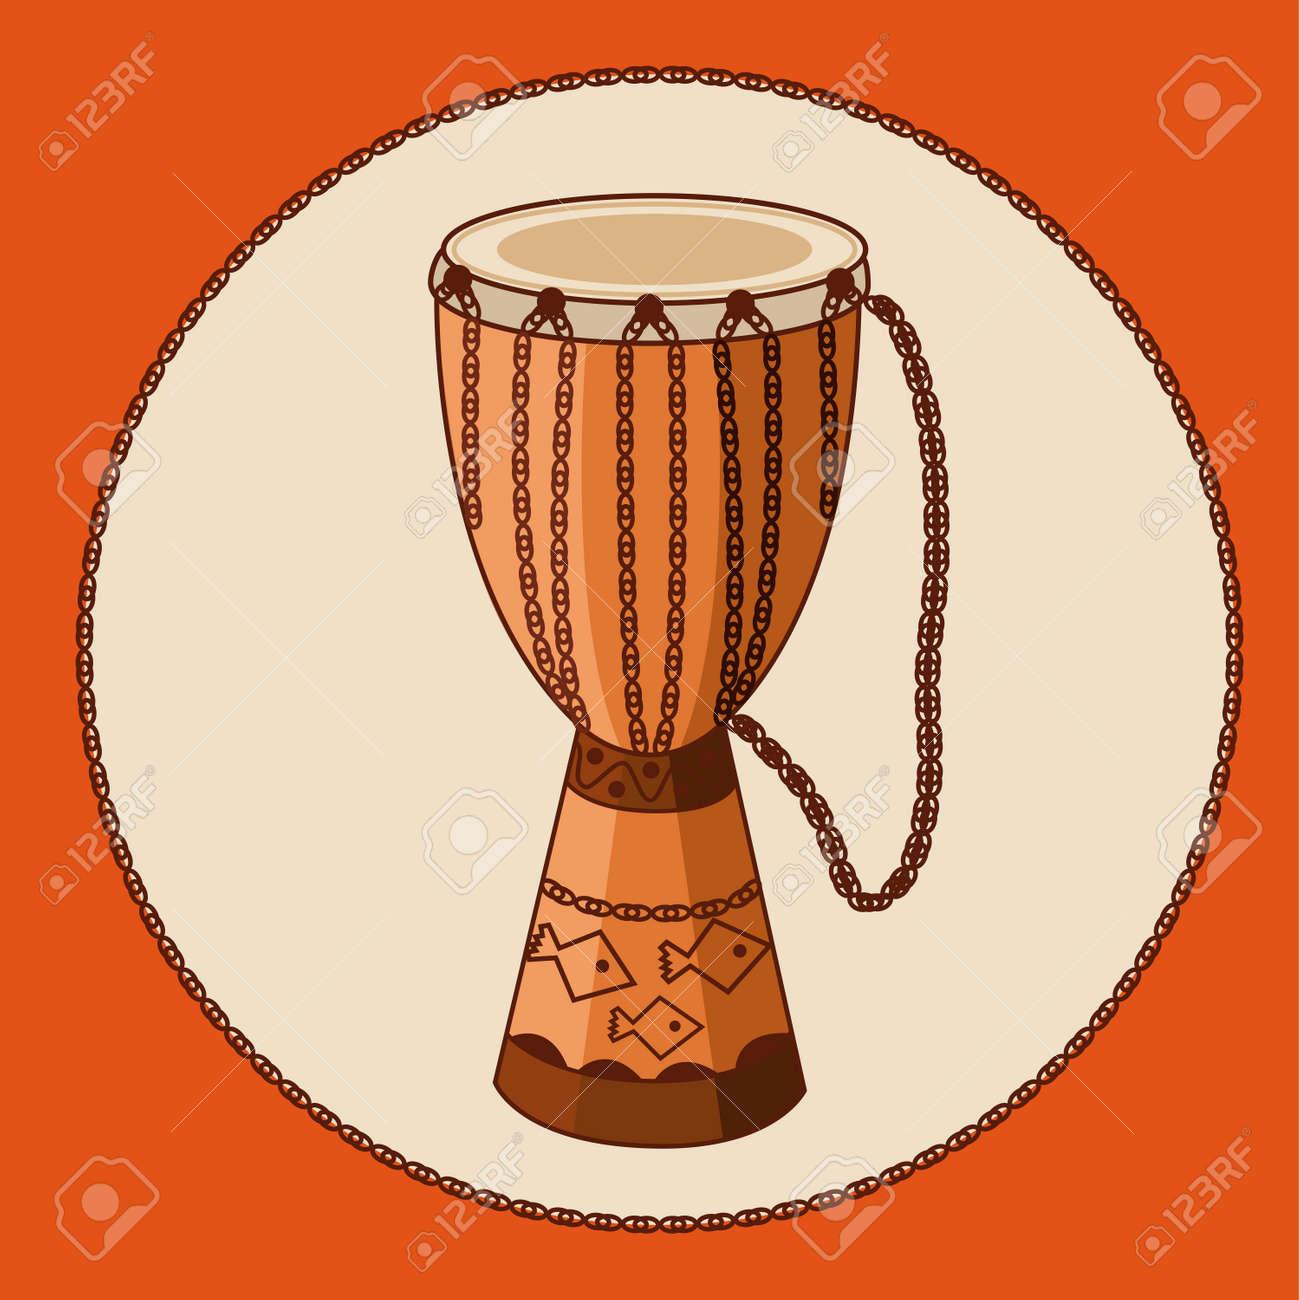 Djembe Tambor Africano Con El Ornamento Y Cuerdas Earthtone Colores